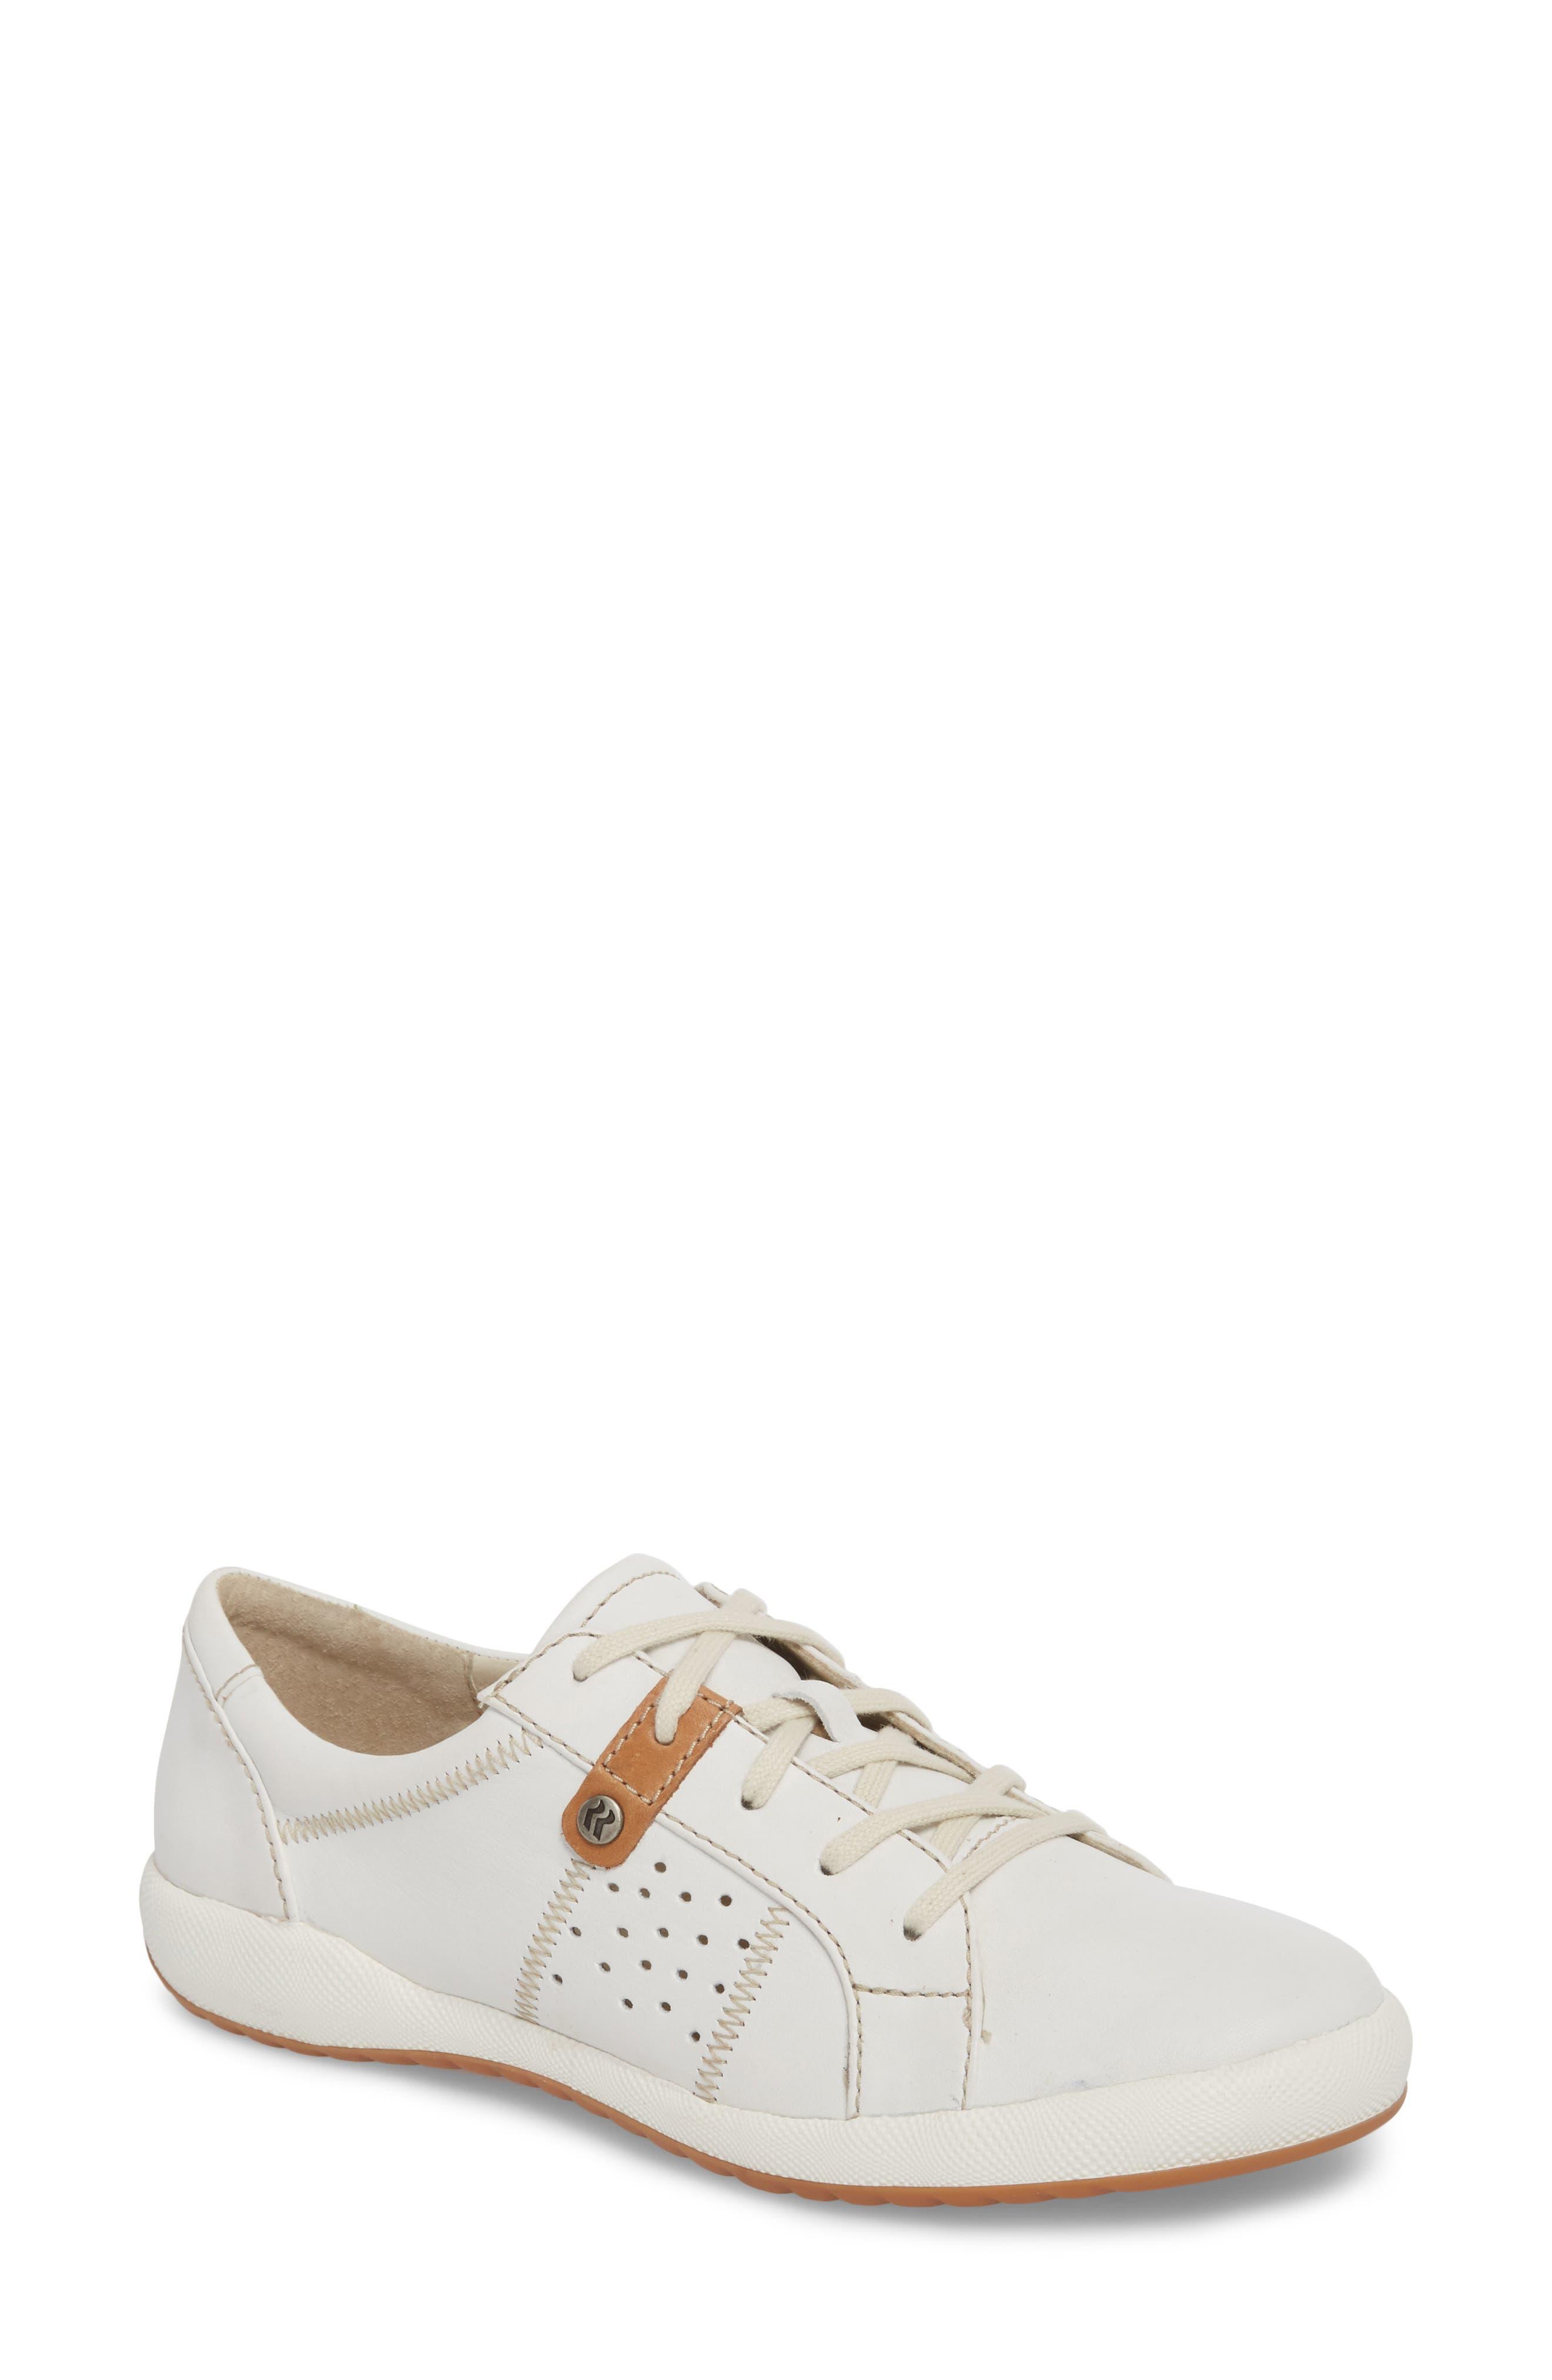 Cordoba 01 Sneaker,                         Main,                         color, WHITE LEATHER